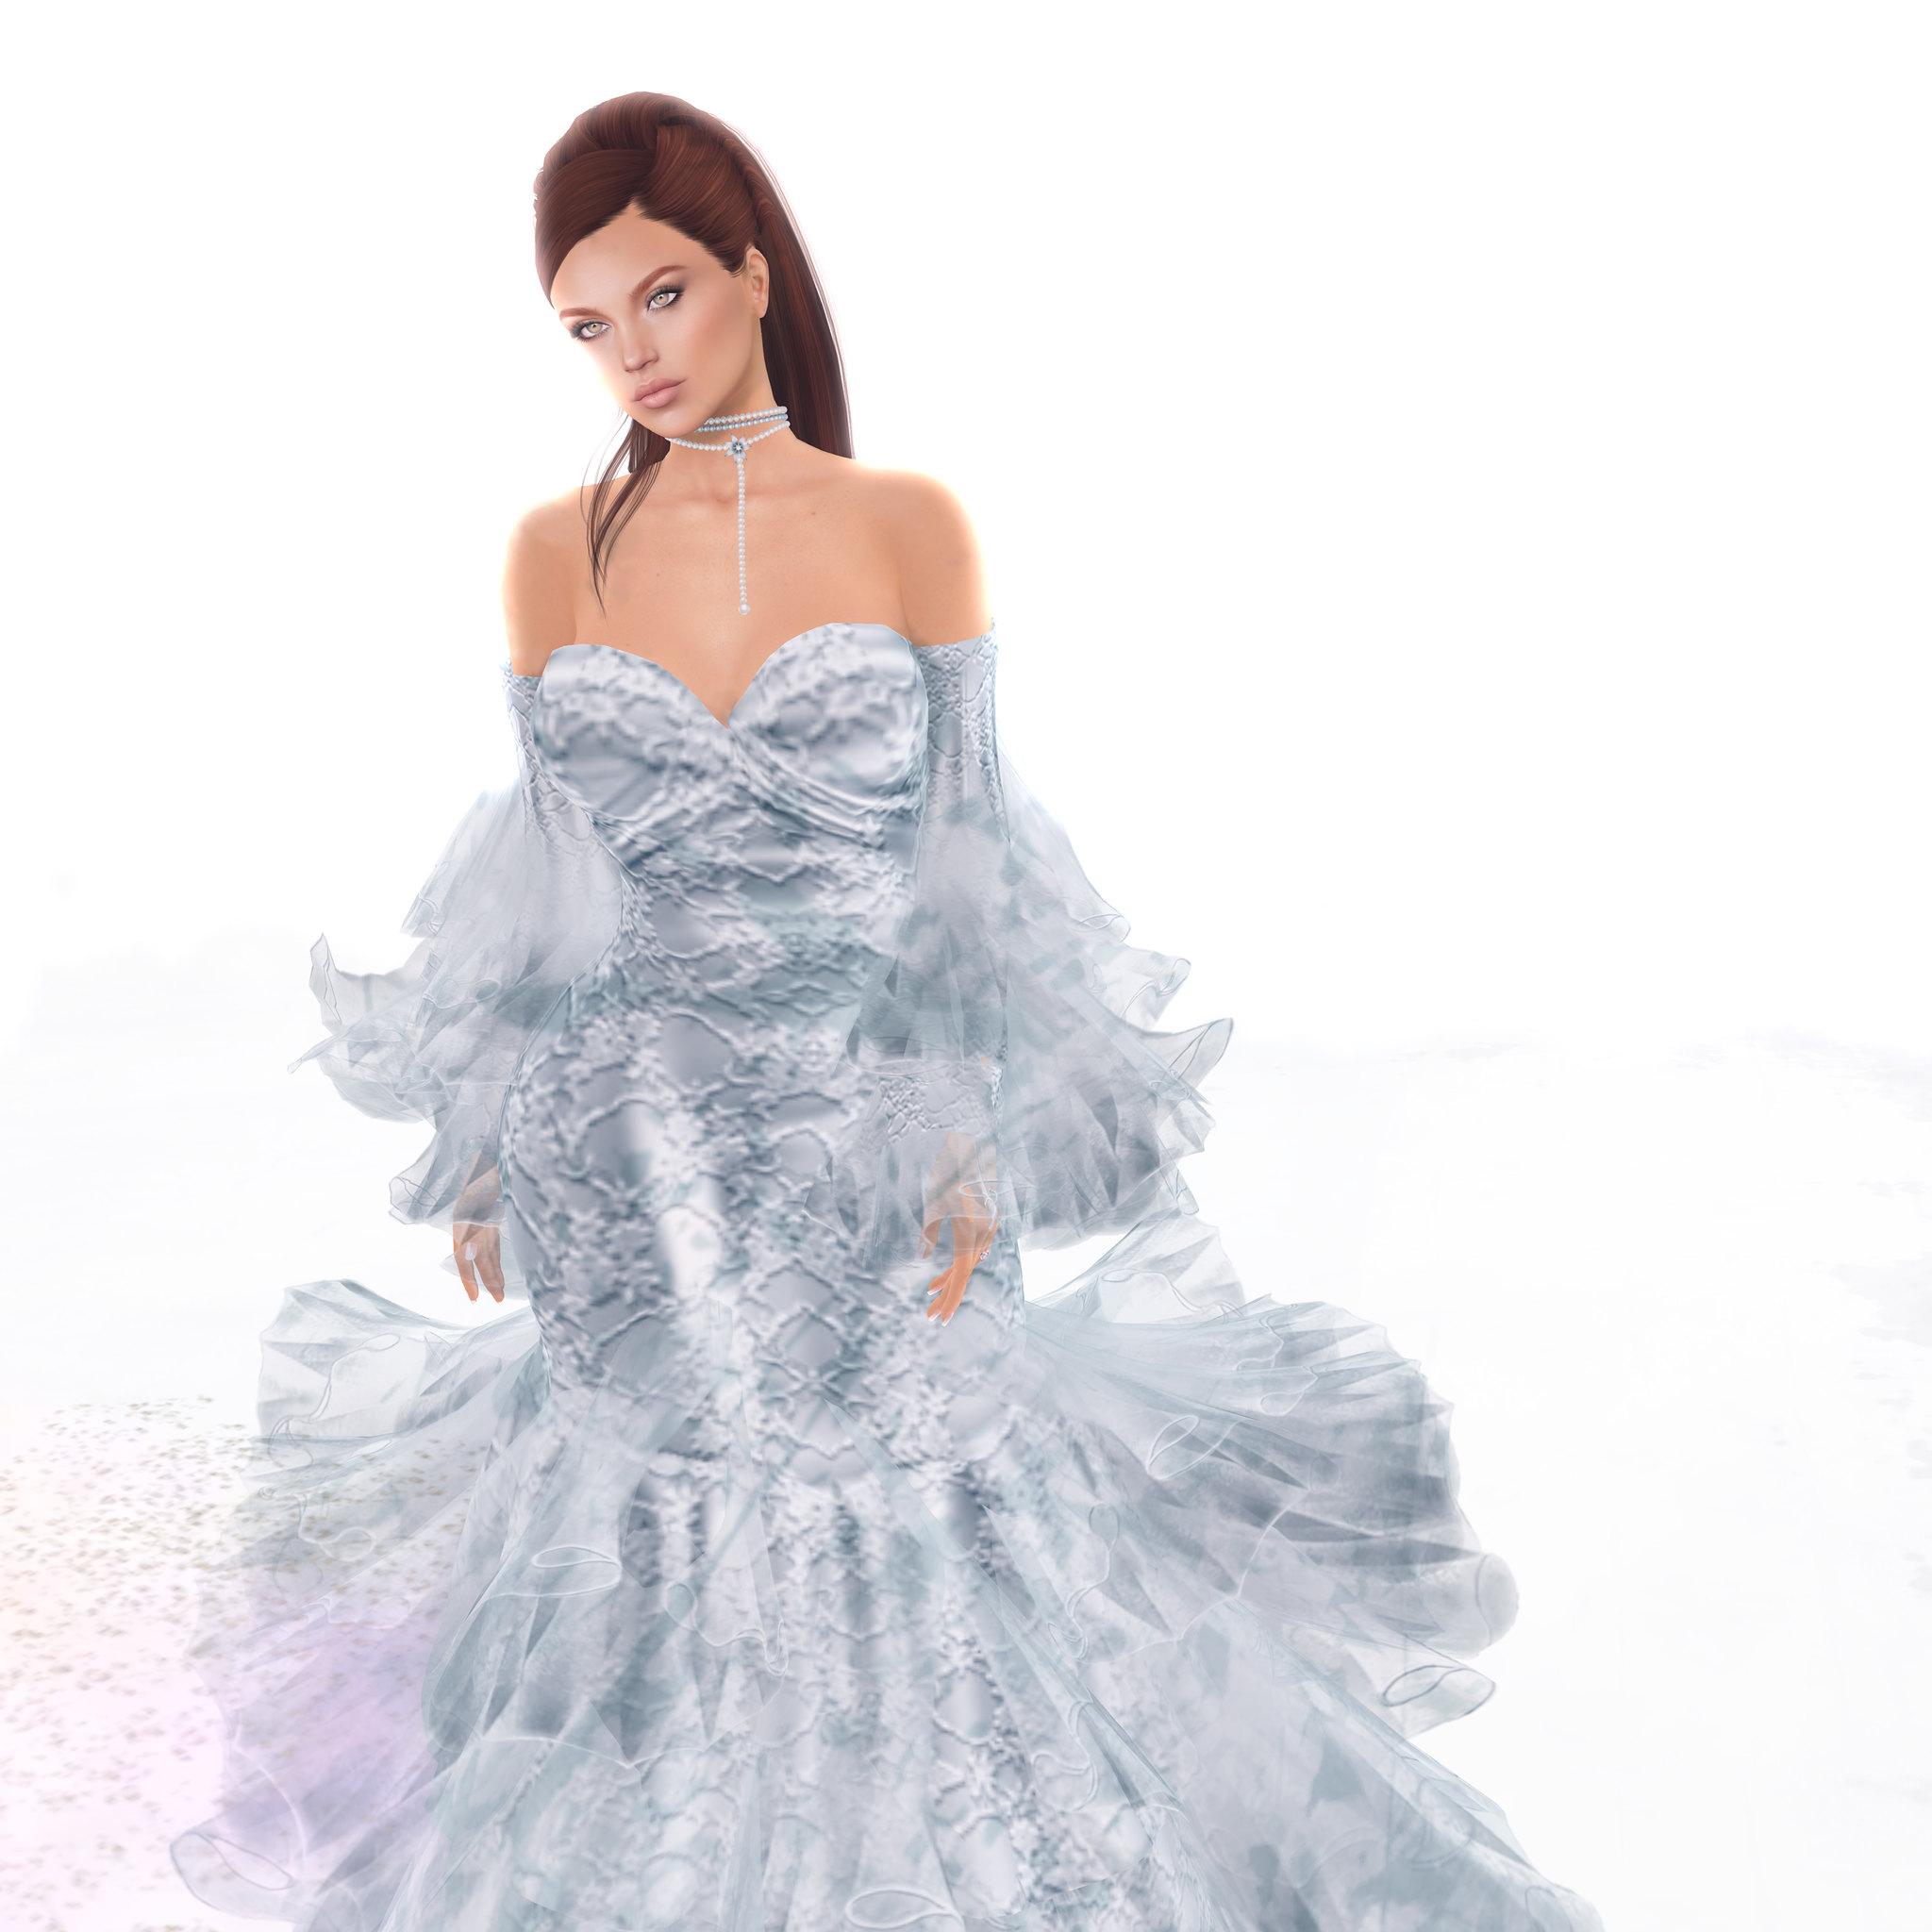 Yeva gown, Azul